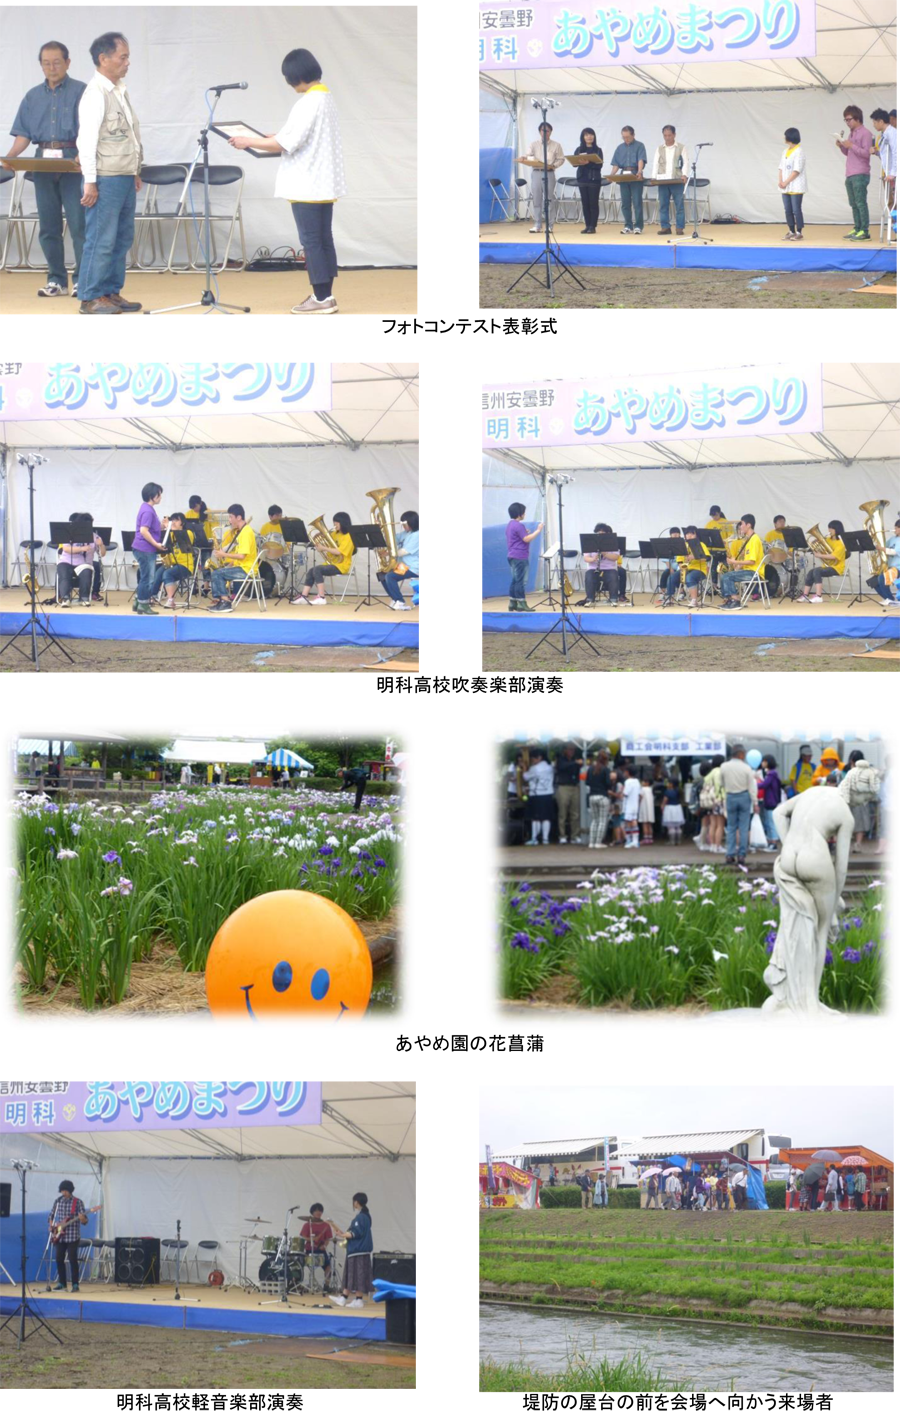 あやめまつりメインイベント(6月21日)-4